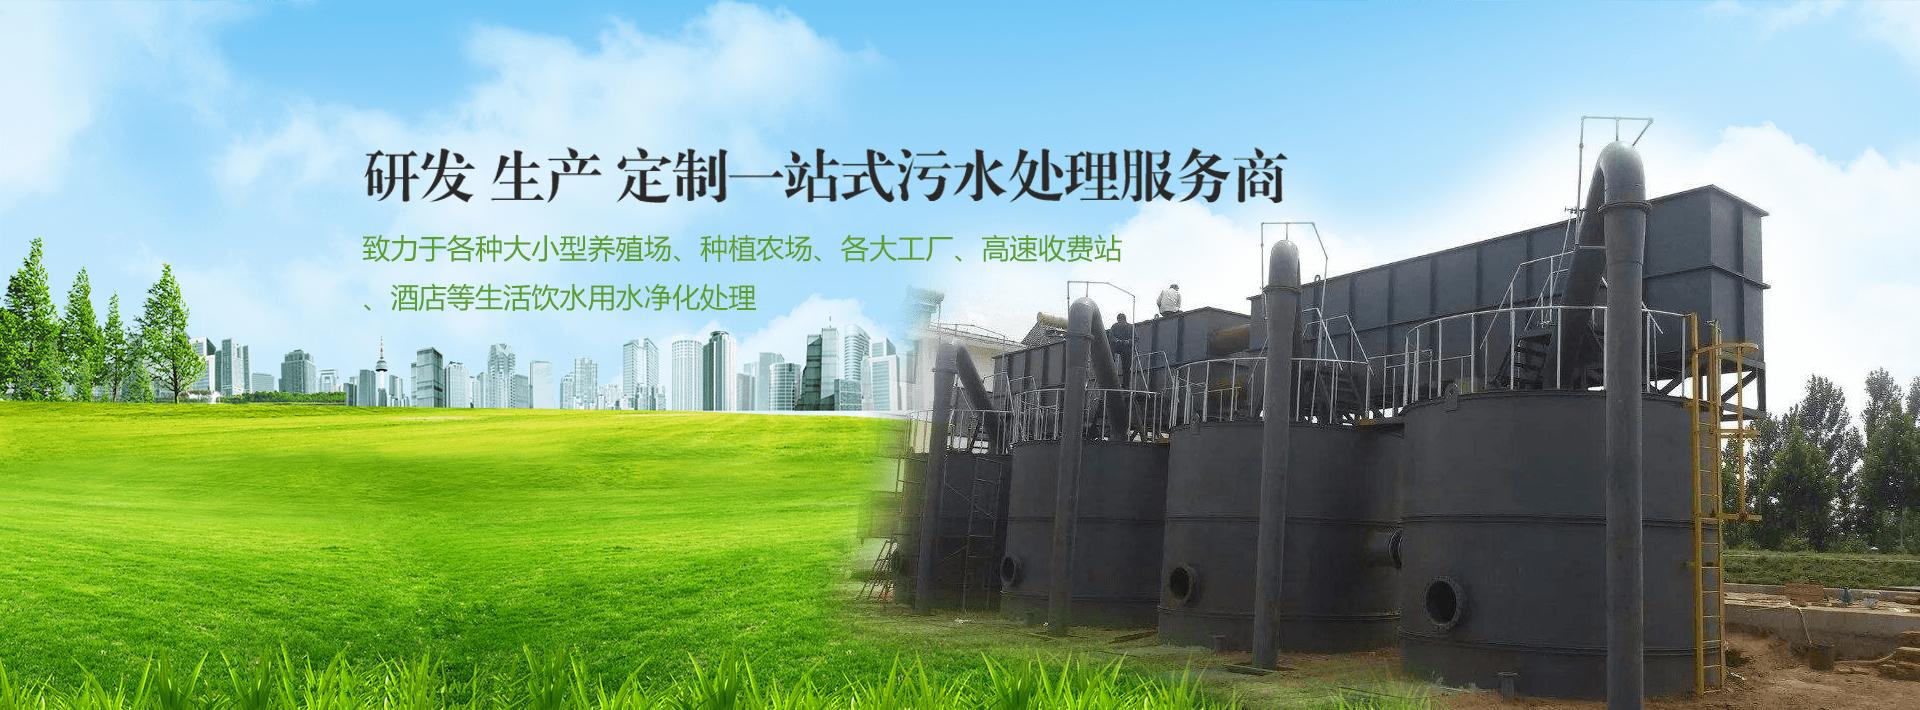 使用污水处理设备处理过程的